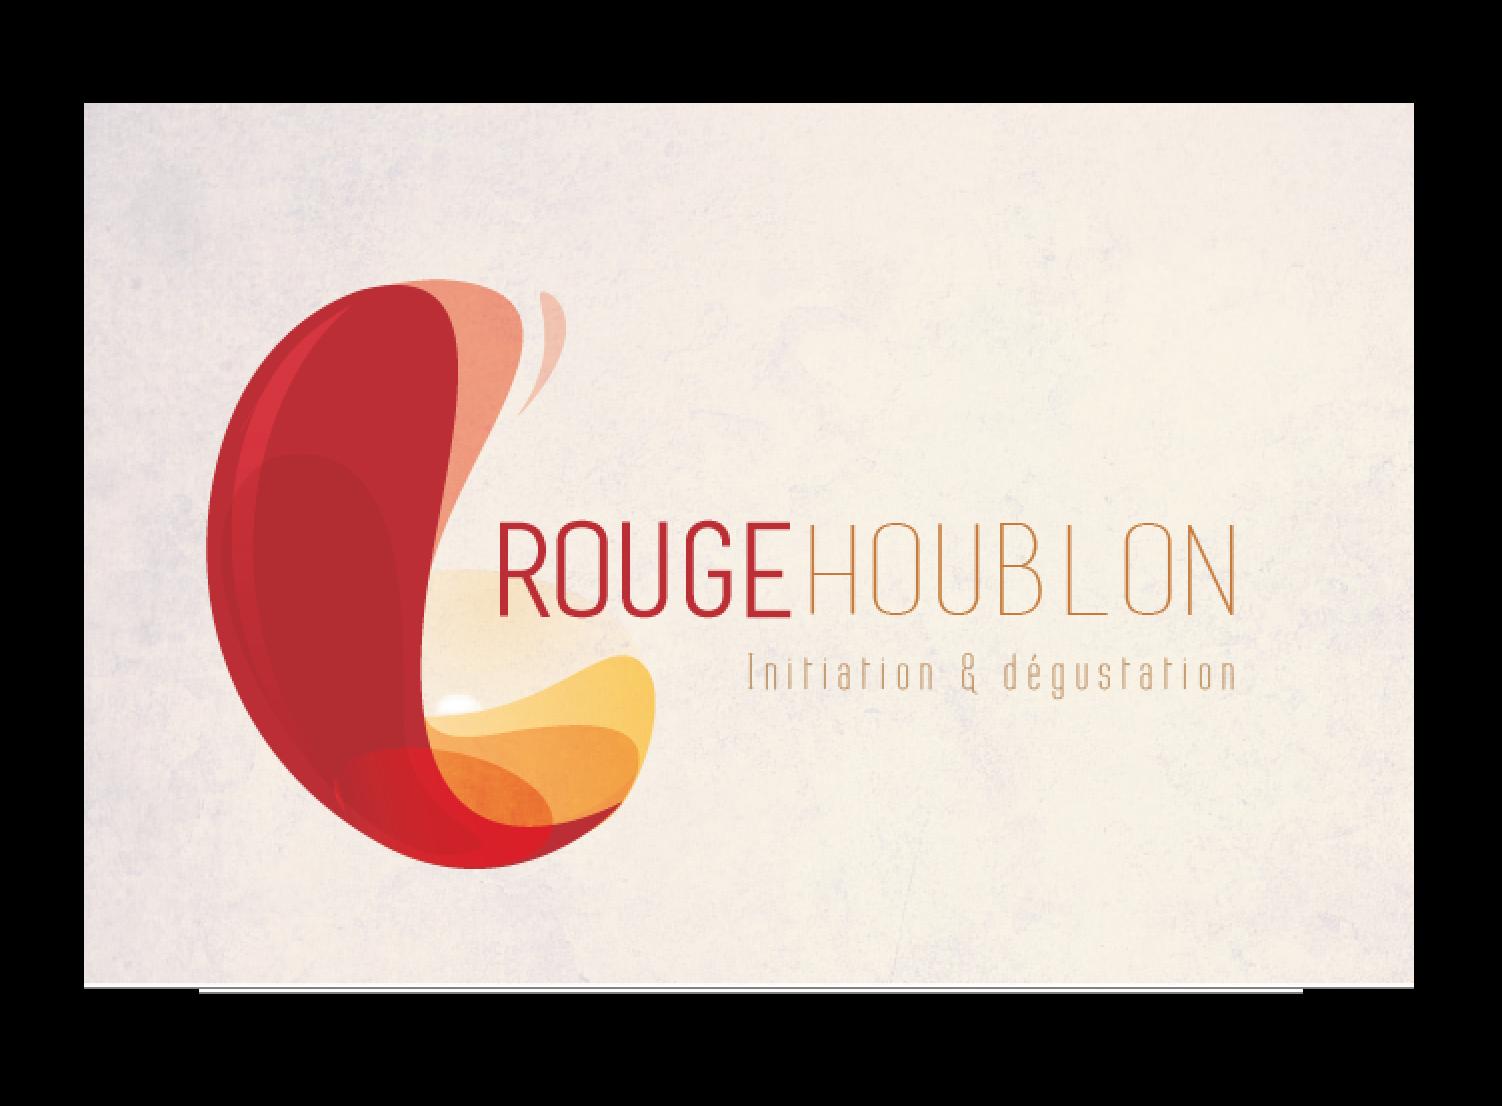 Rouge houblon